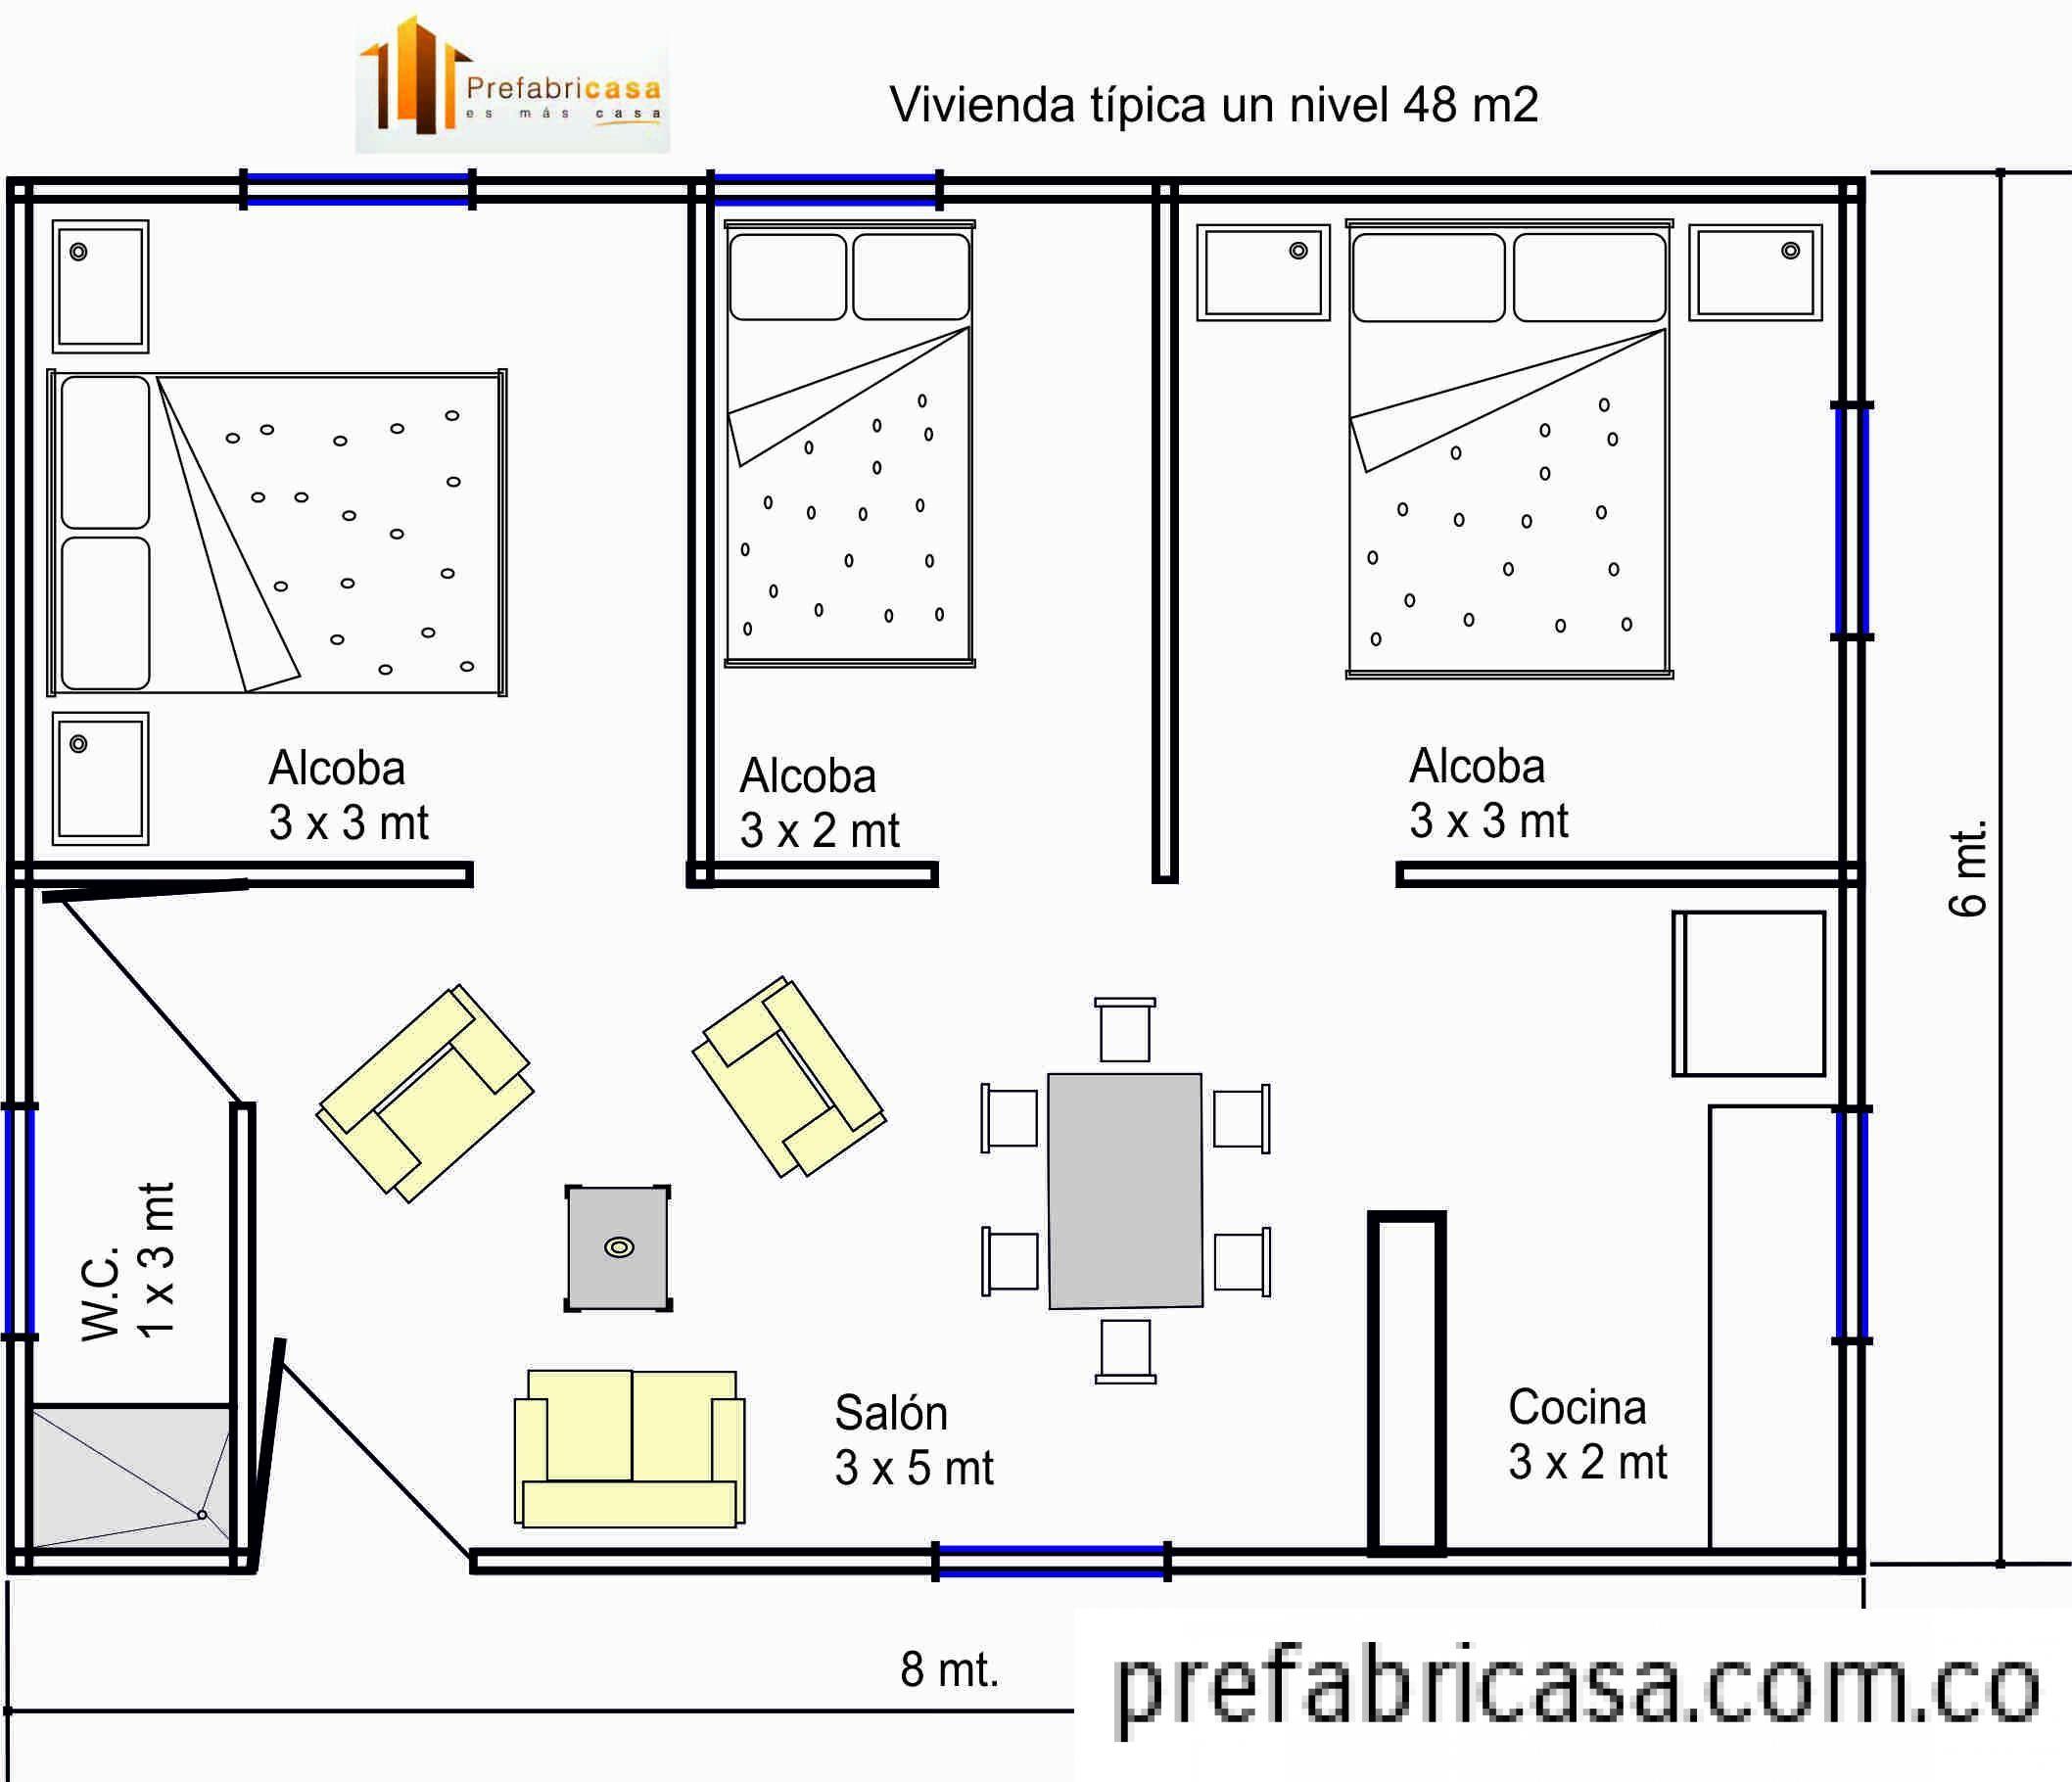 Pin De Ana Patricia Rivera Murillo Em Casa Com Imagens Planos De Construcao De Casa Plantas De Casas Plano De Casa